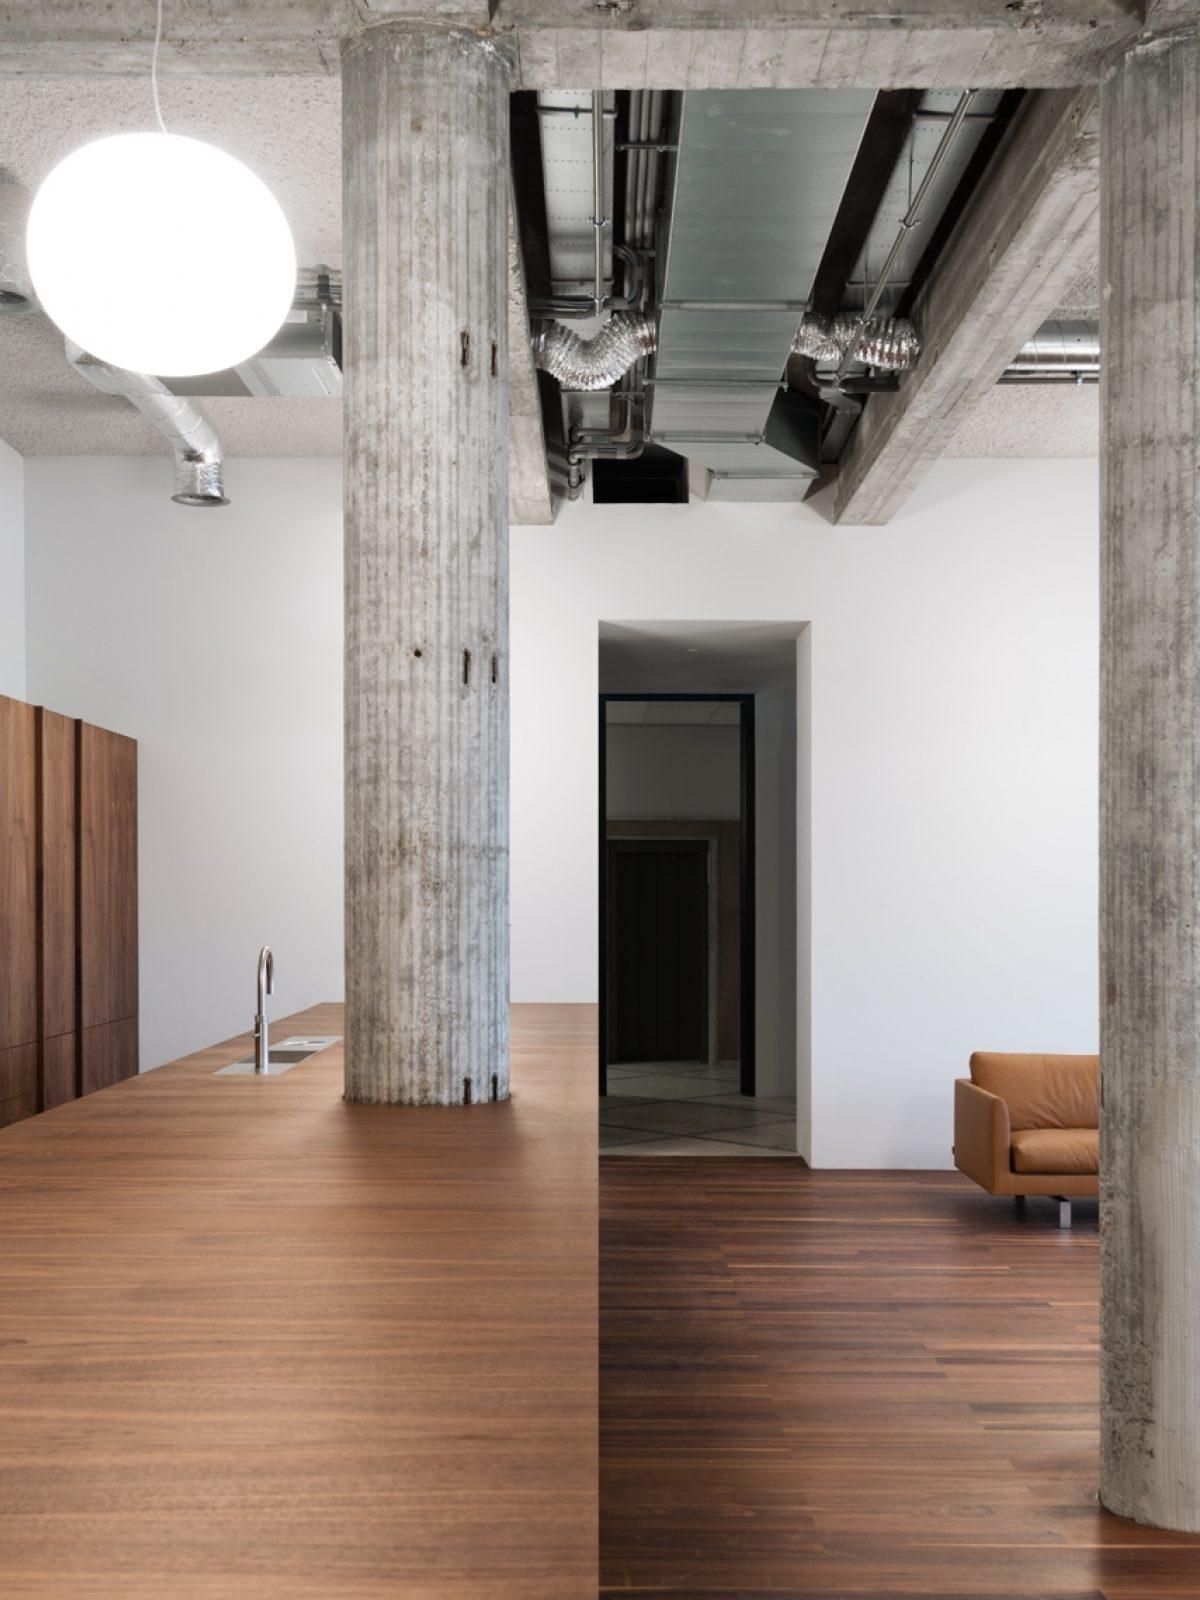 7 De Bank KAAN Architecten Simone Bossi